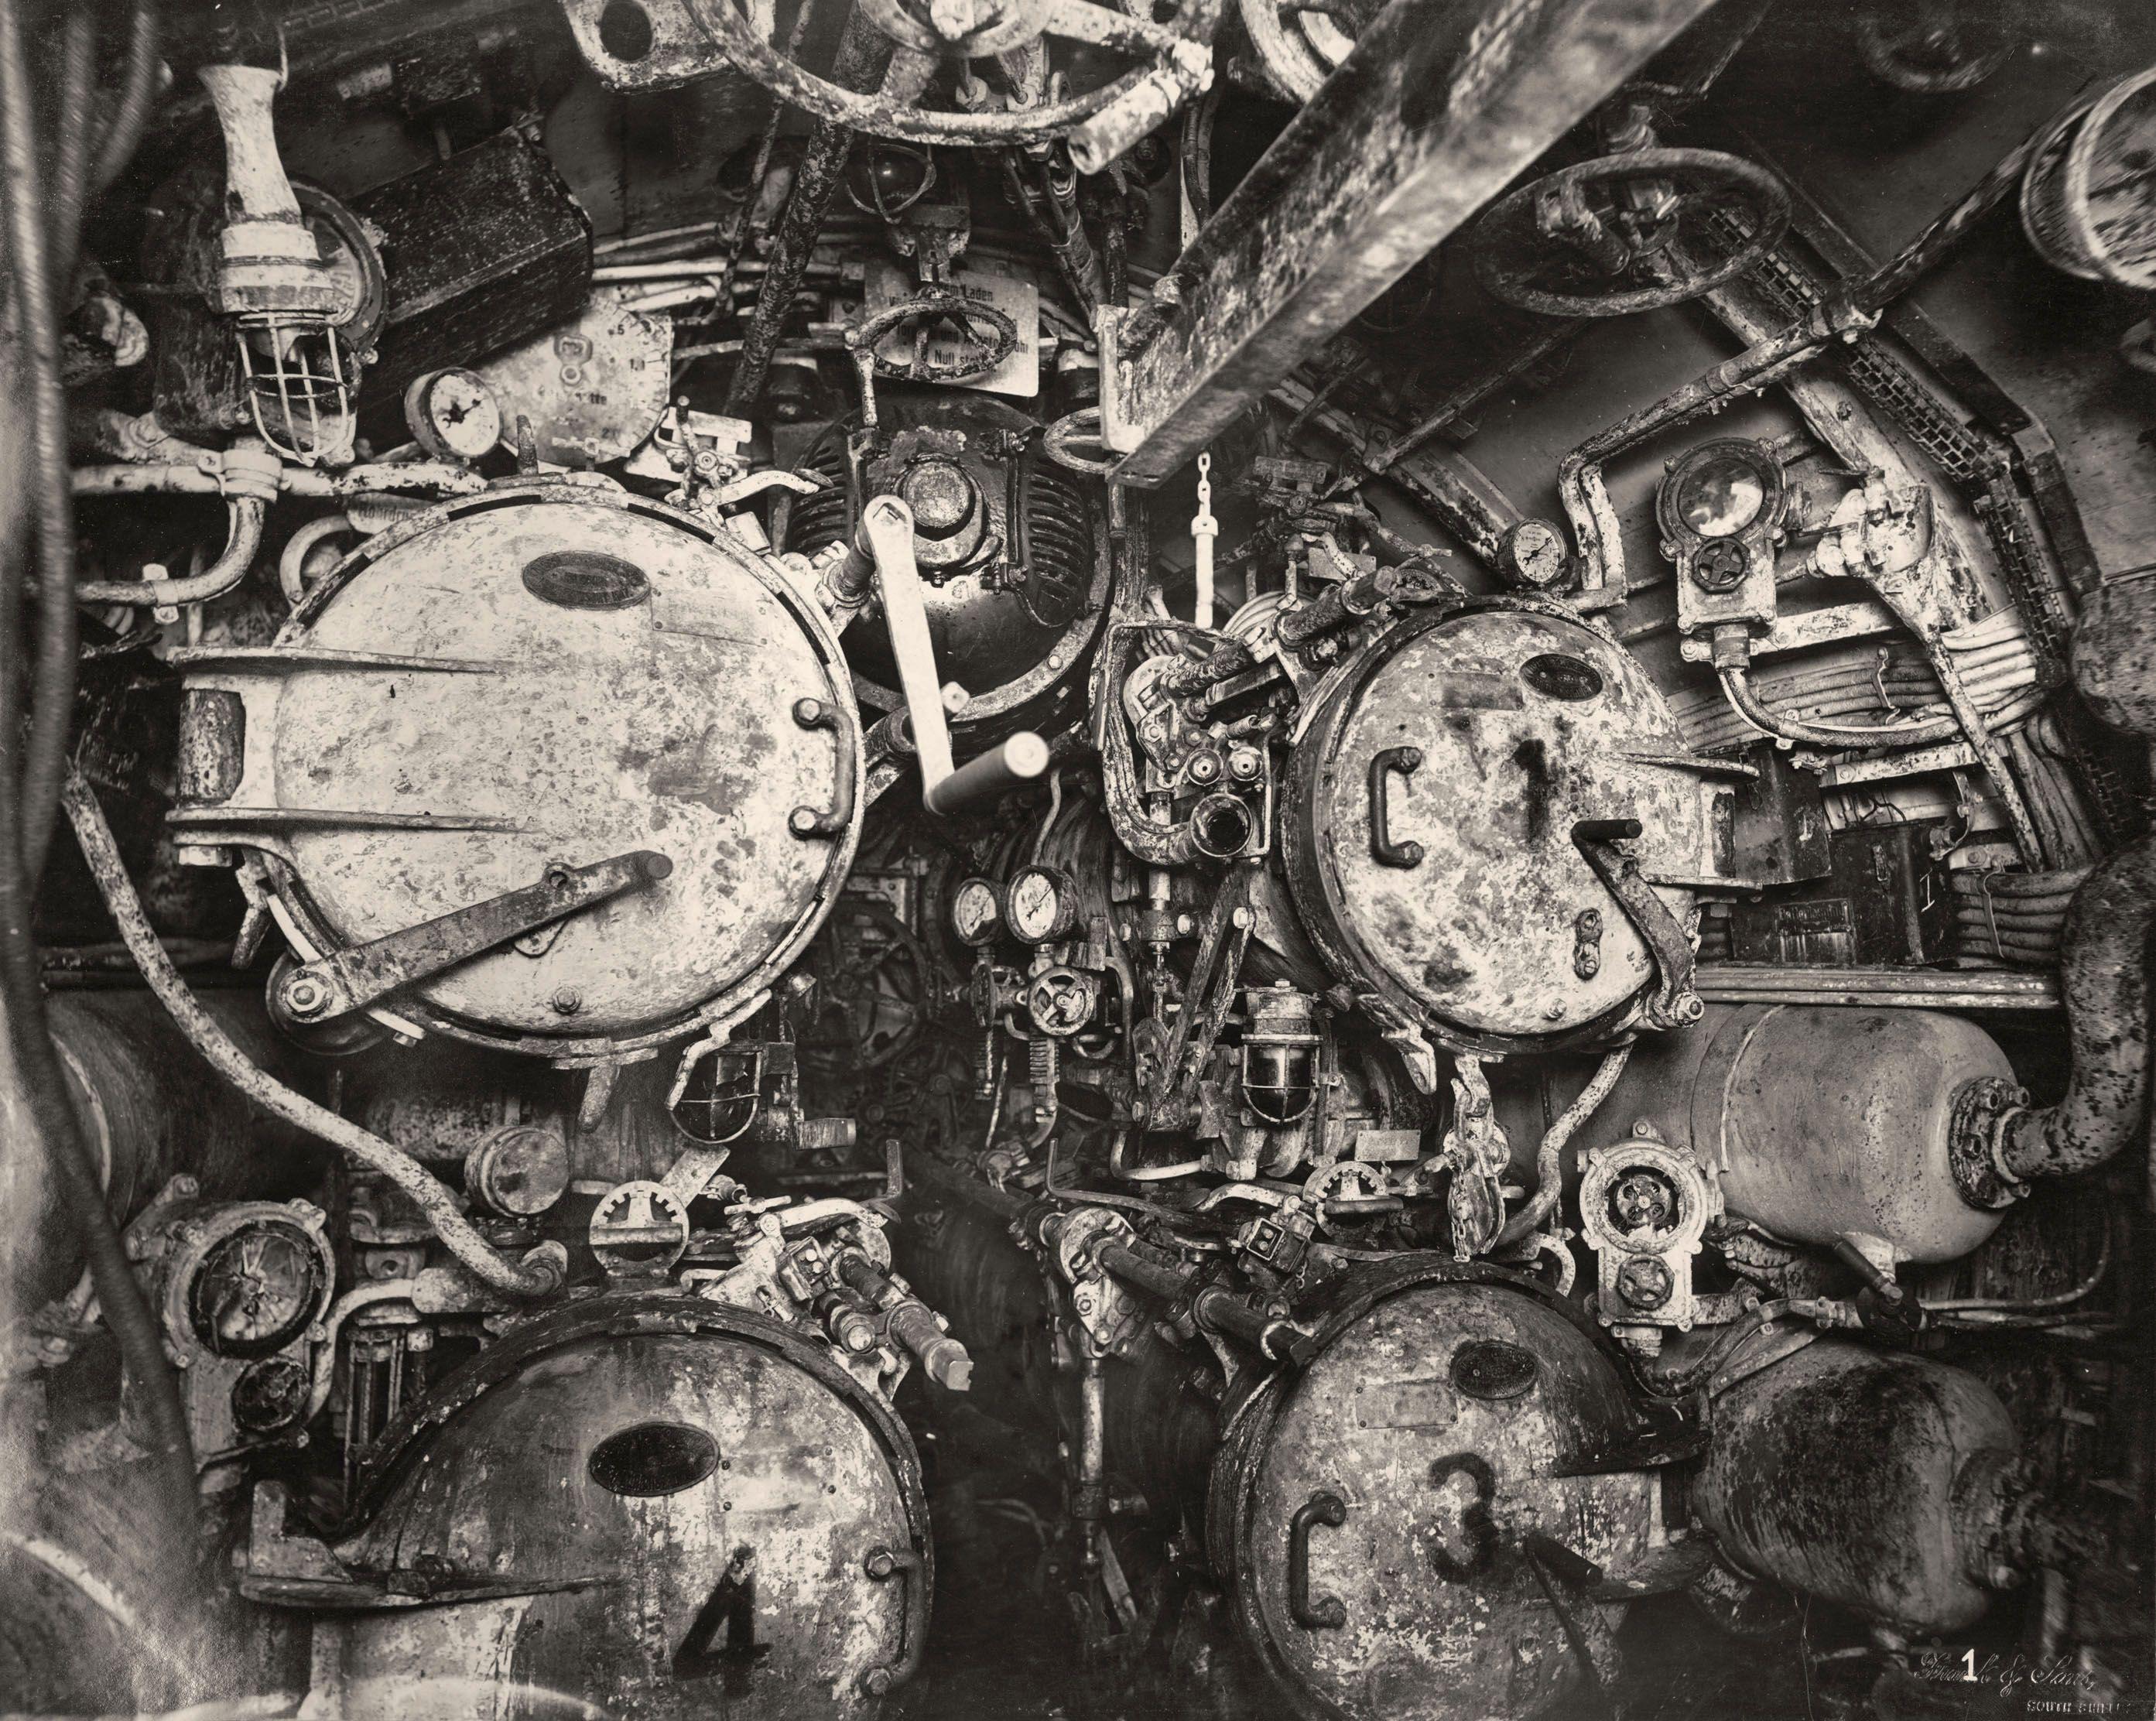 uboat-interieur-controles-sousmarin-05 - La boite verte